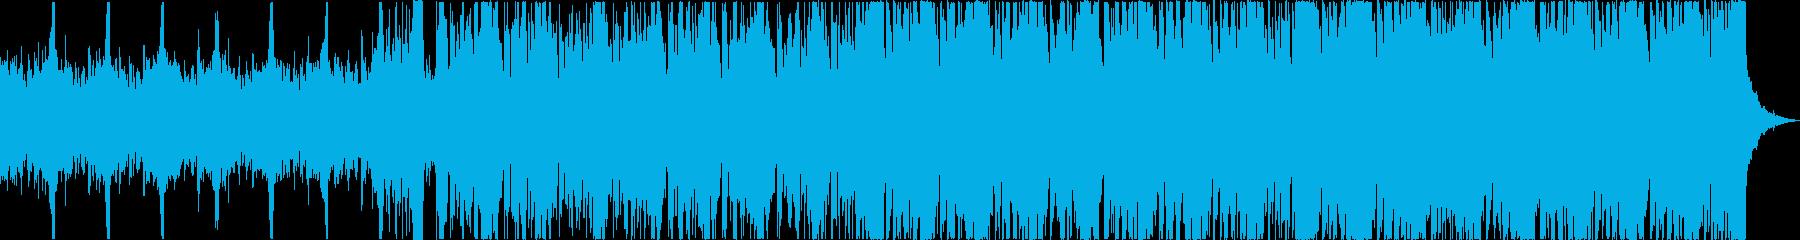 軽快おしゃれニューディスコエレクトロbの再生済みの波形